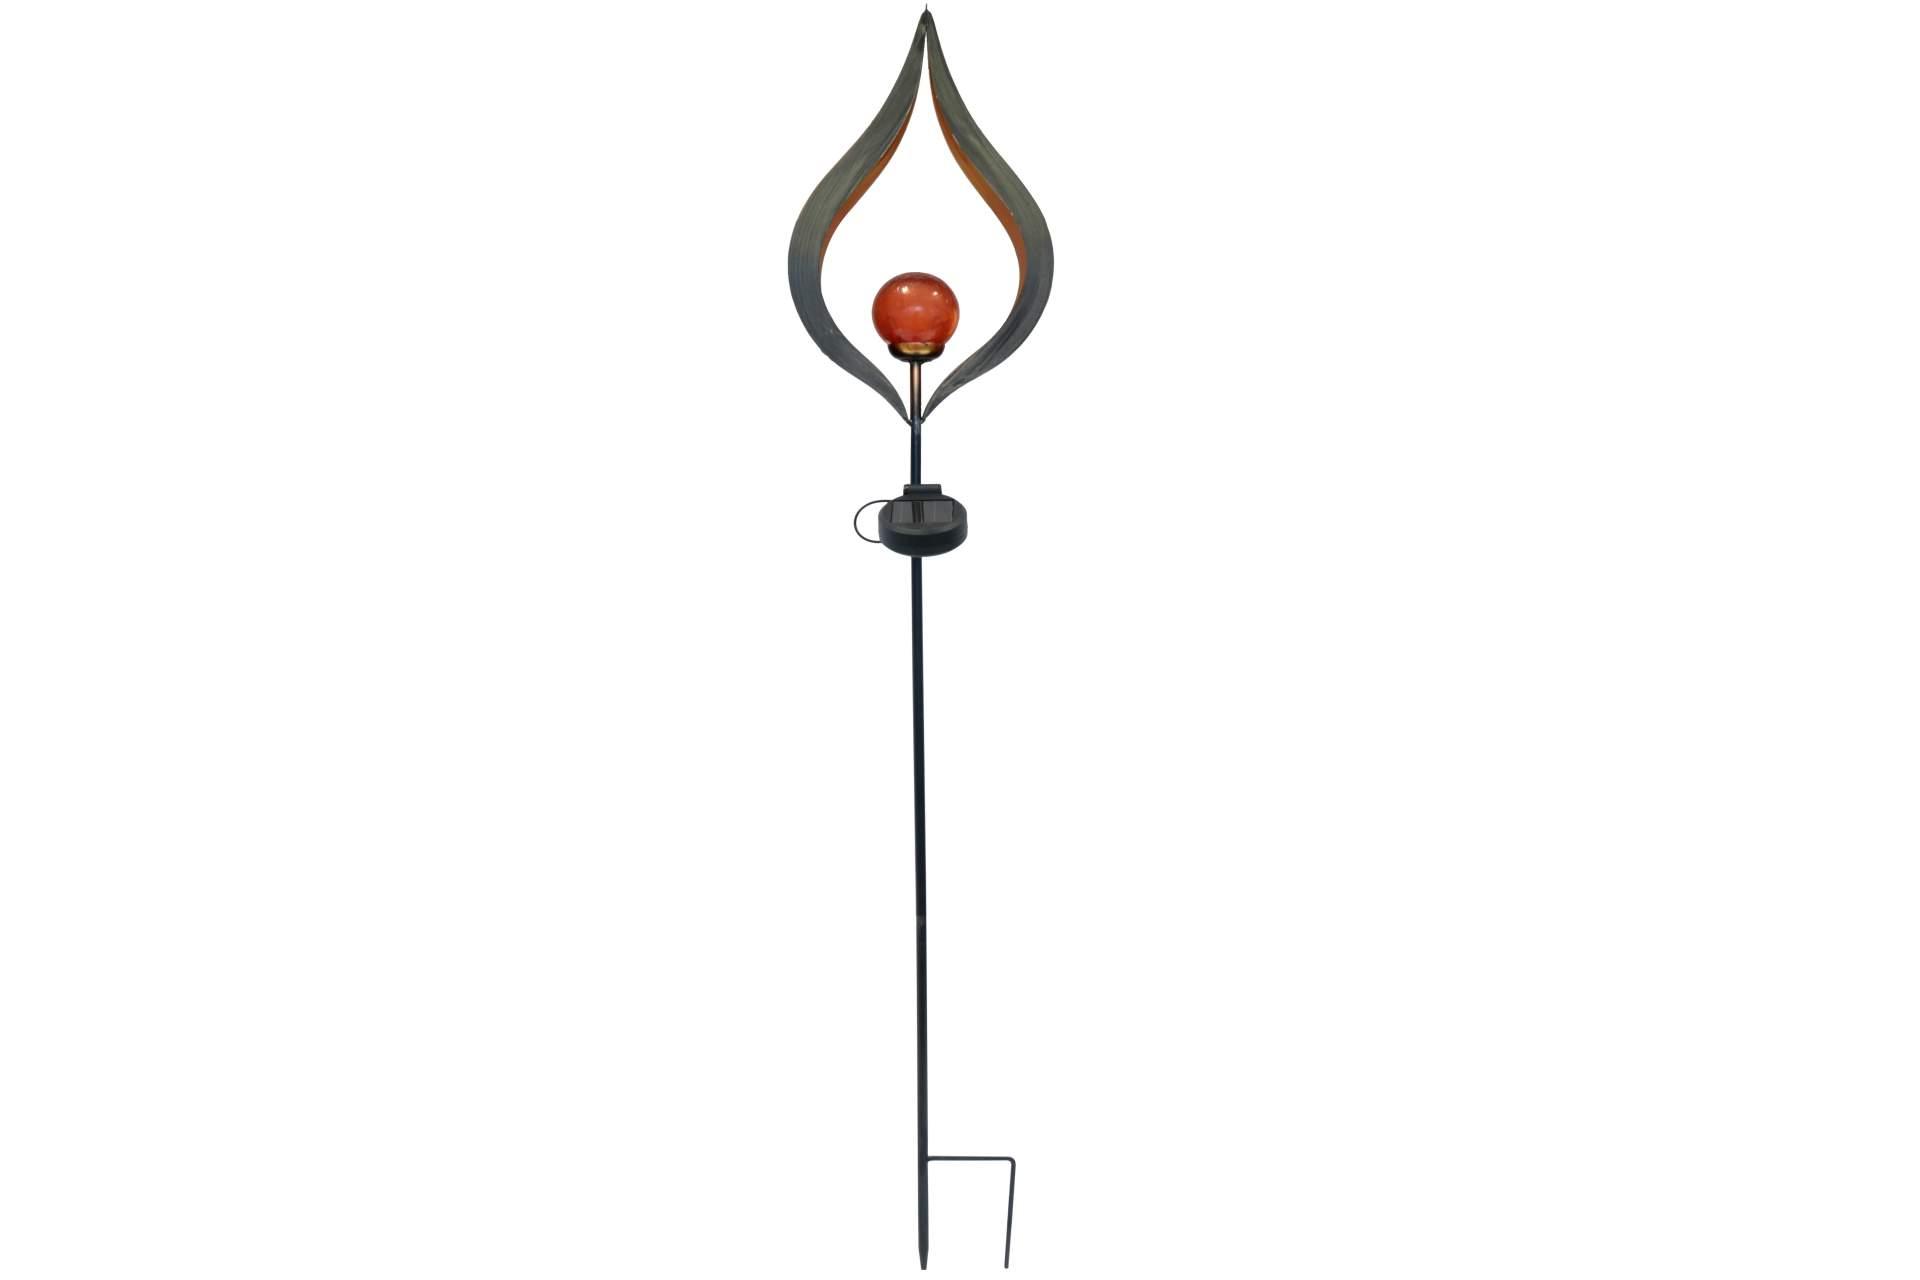 Posten Börse Gartenmöbel : kynast led solar leuchtskulptur fireball lohe stecker 93cm dekoration garten posten b rse ~ Watch28wear.com Haus und Dekorationen